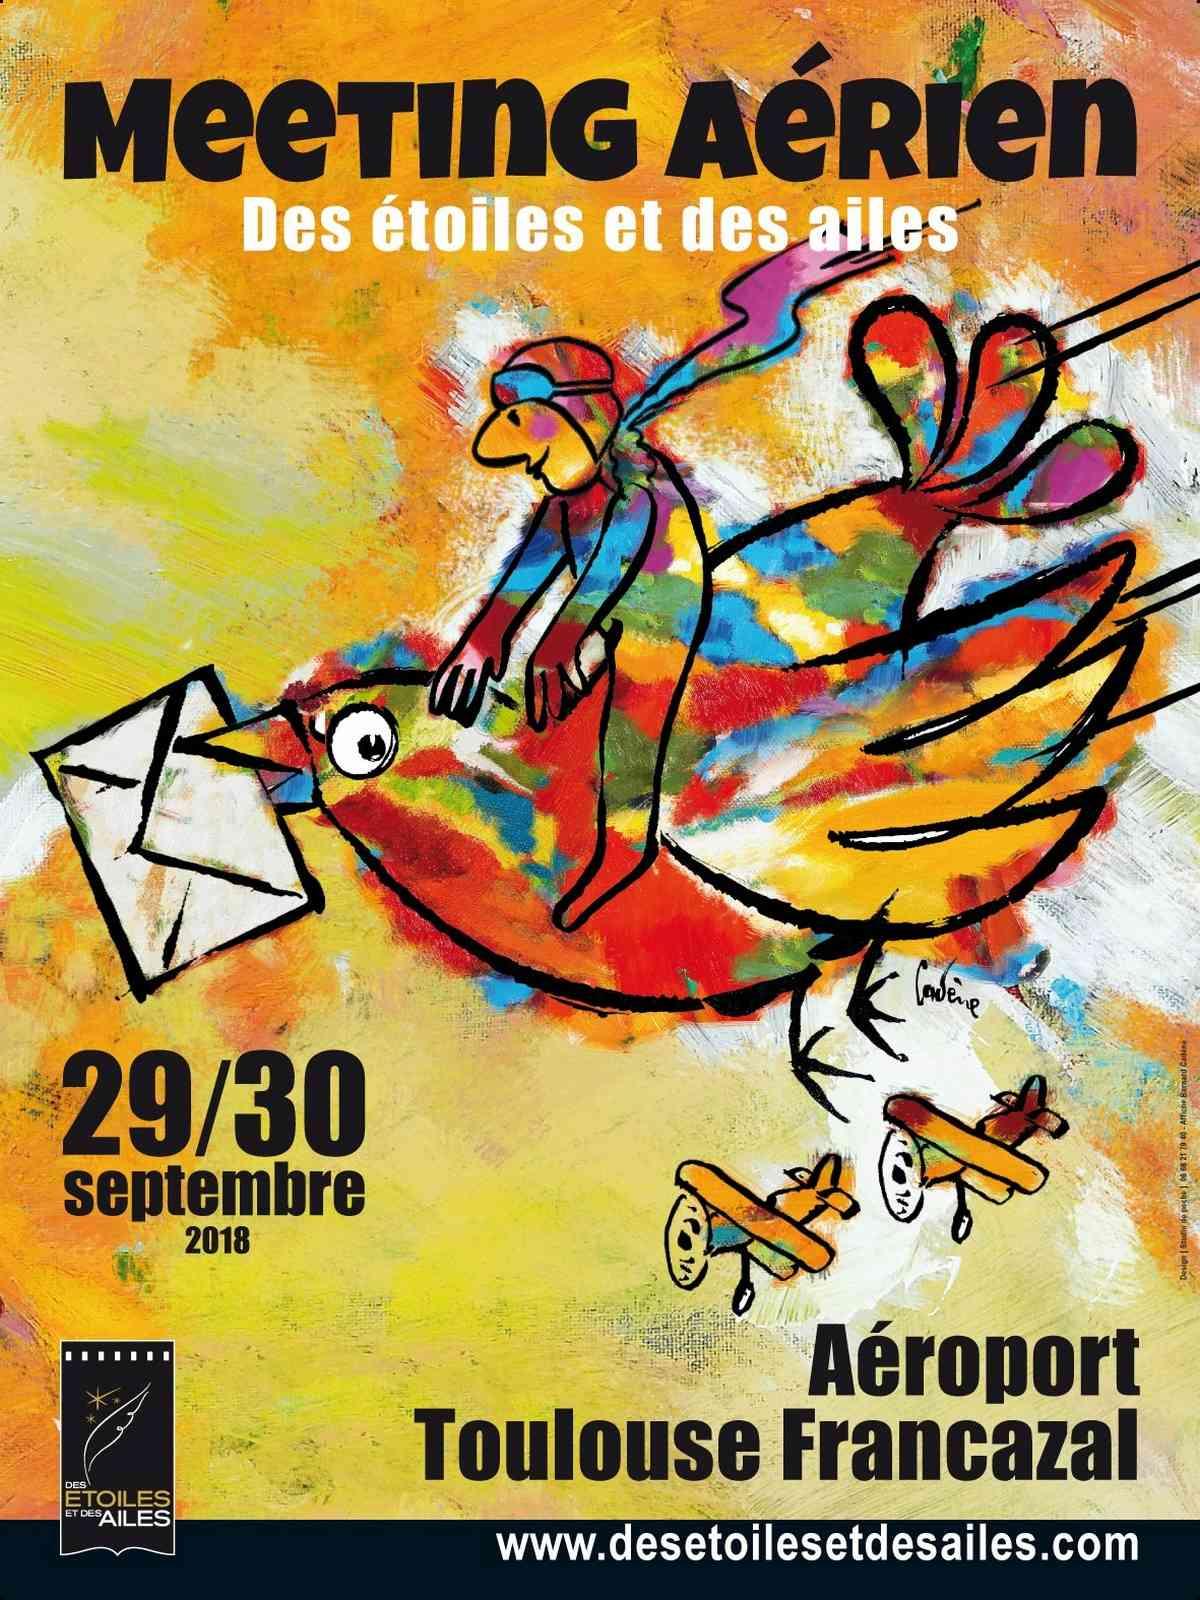 Des Étoiles et des Ailes 2018, meeting aerien 2018, Aéroport Toulouse Francazal 2018